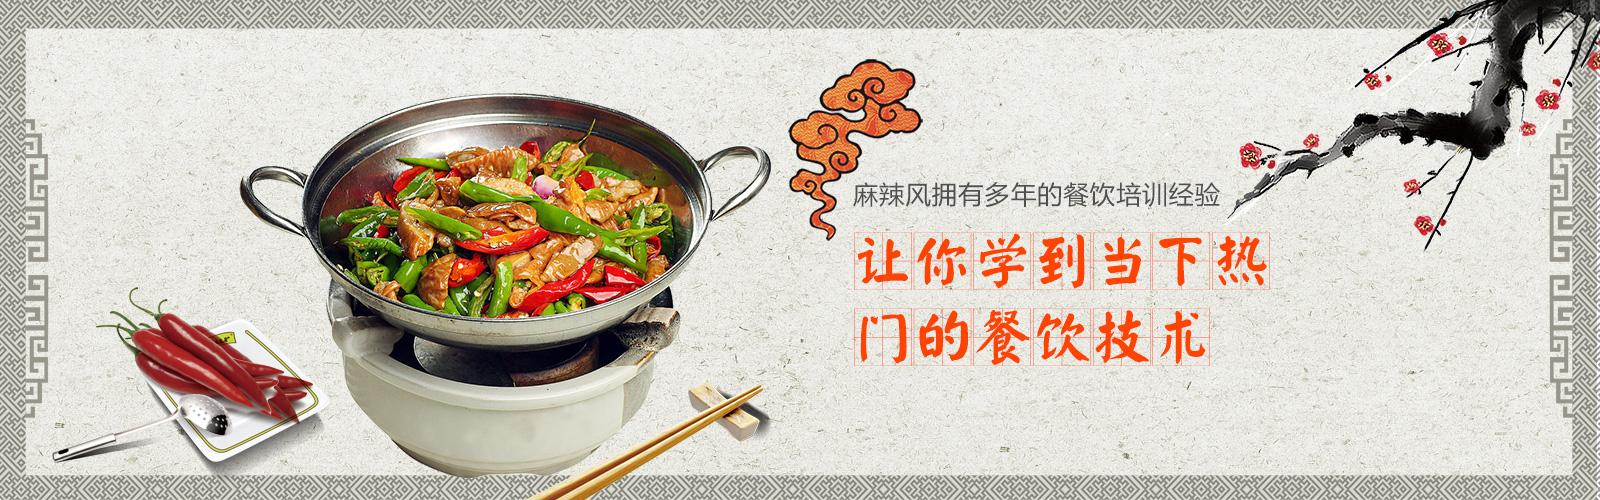 重庆万州烤鱼培训